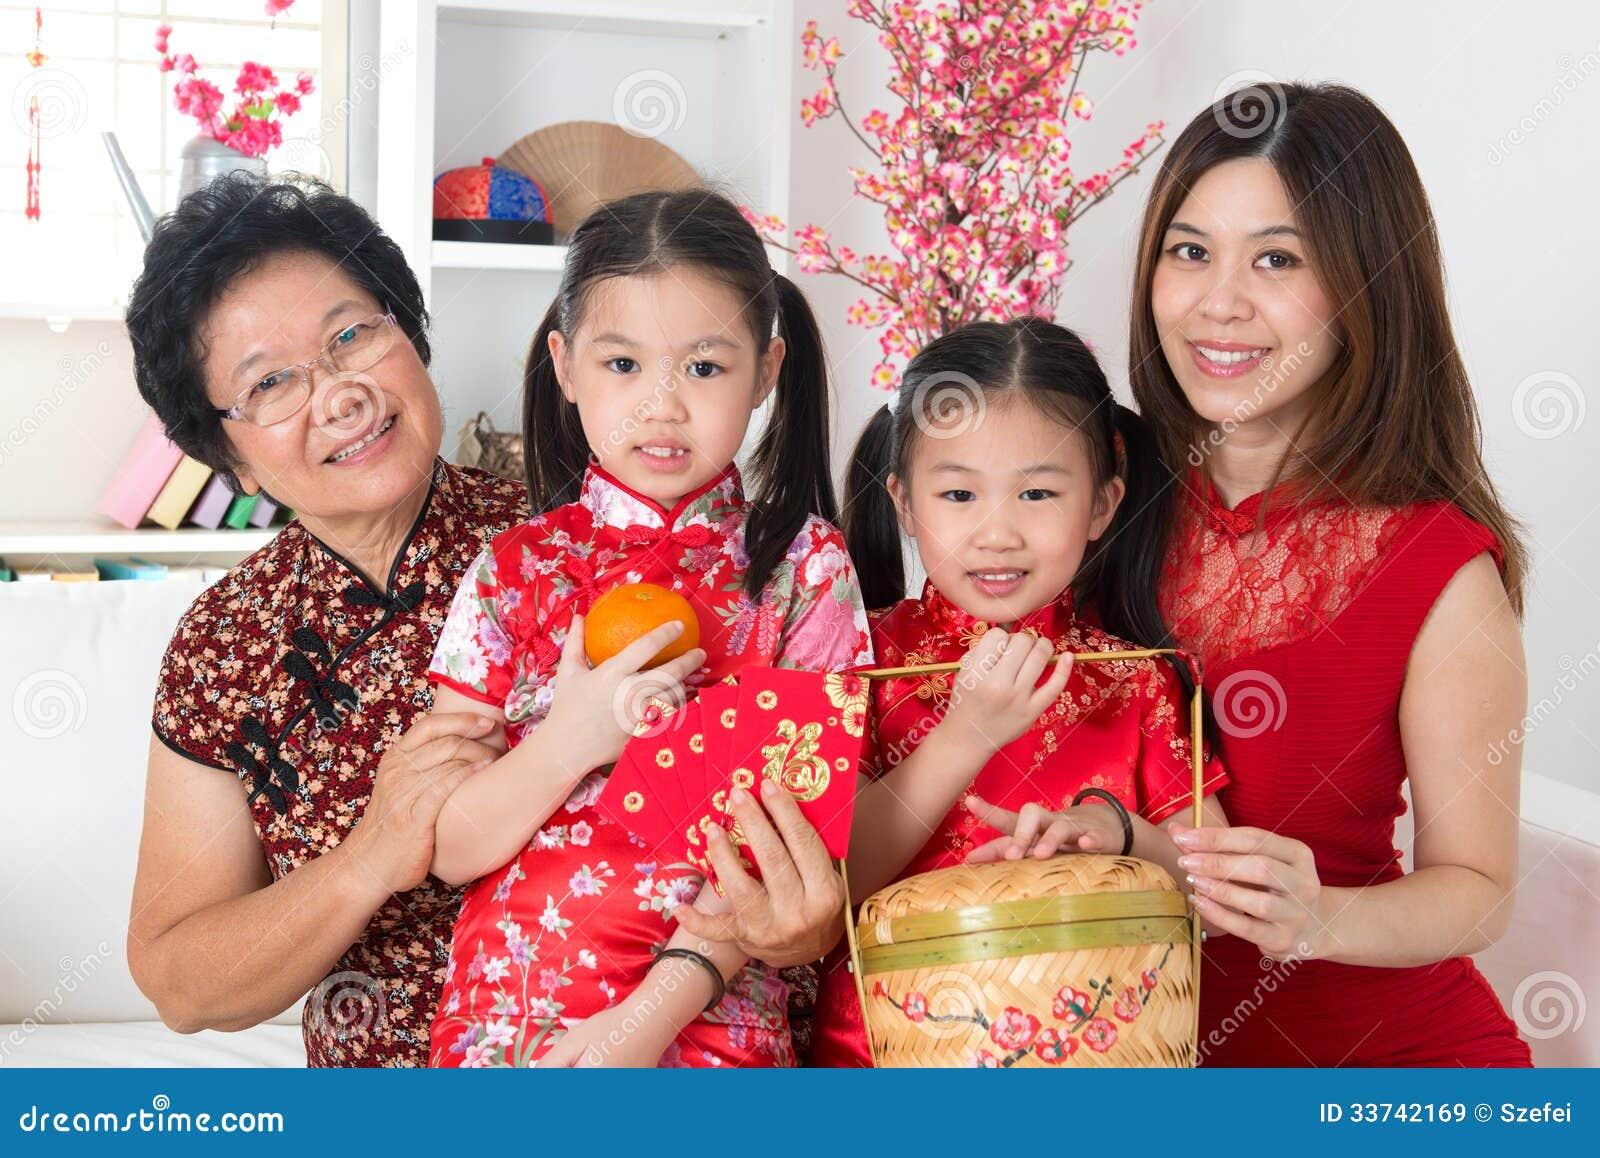 Asian New House Celebration